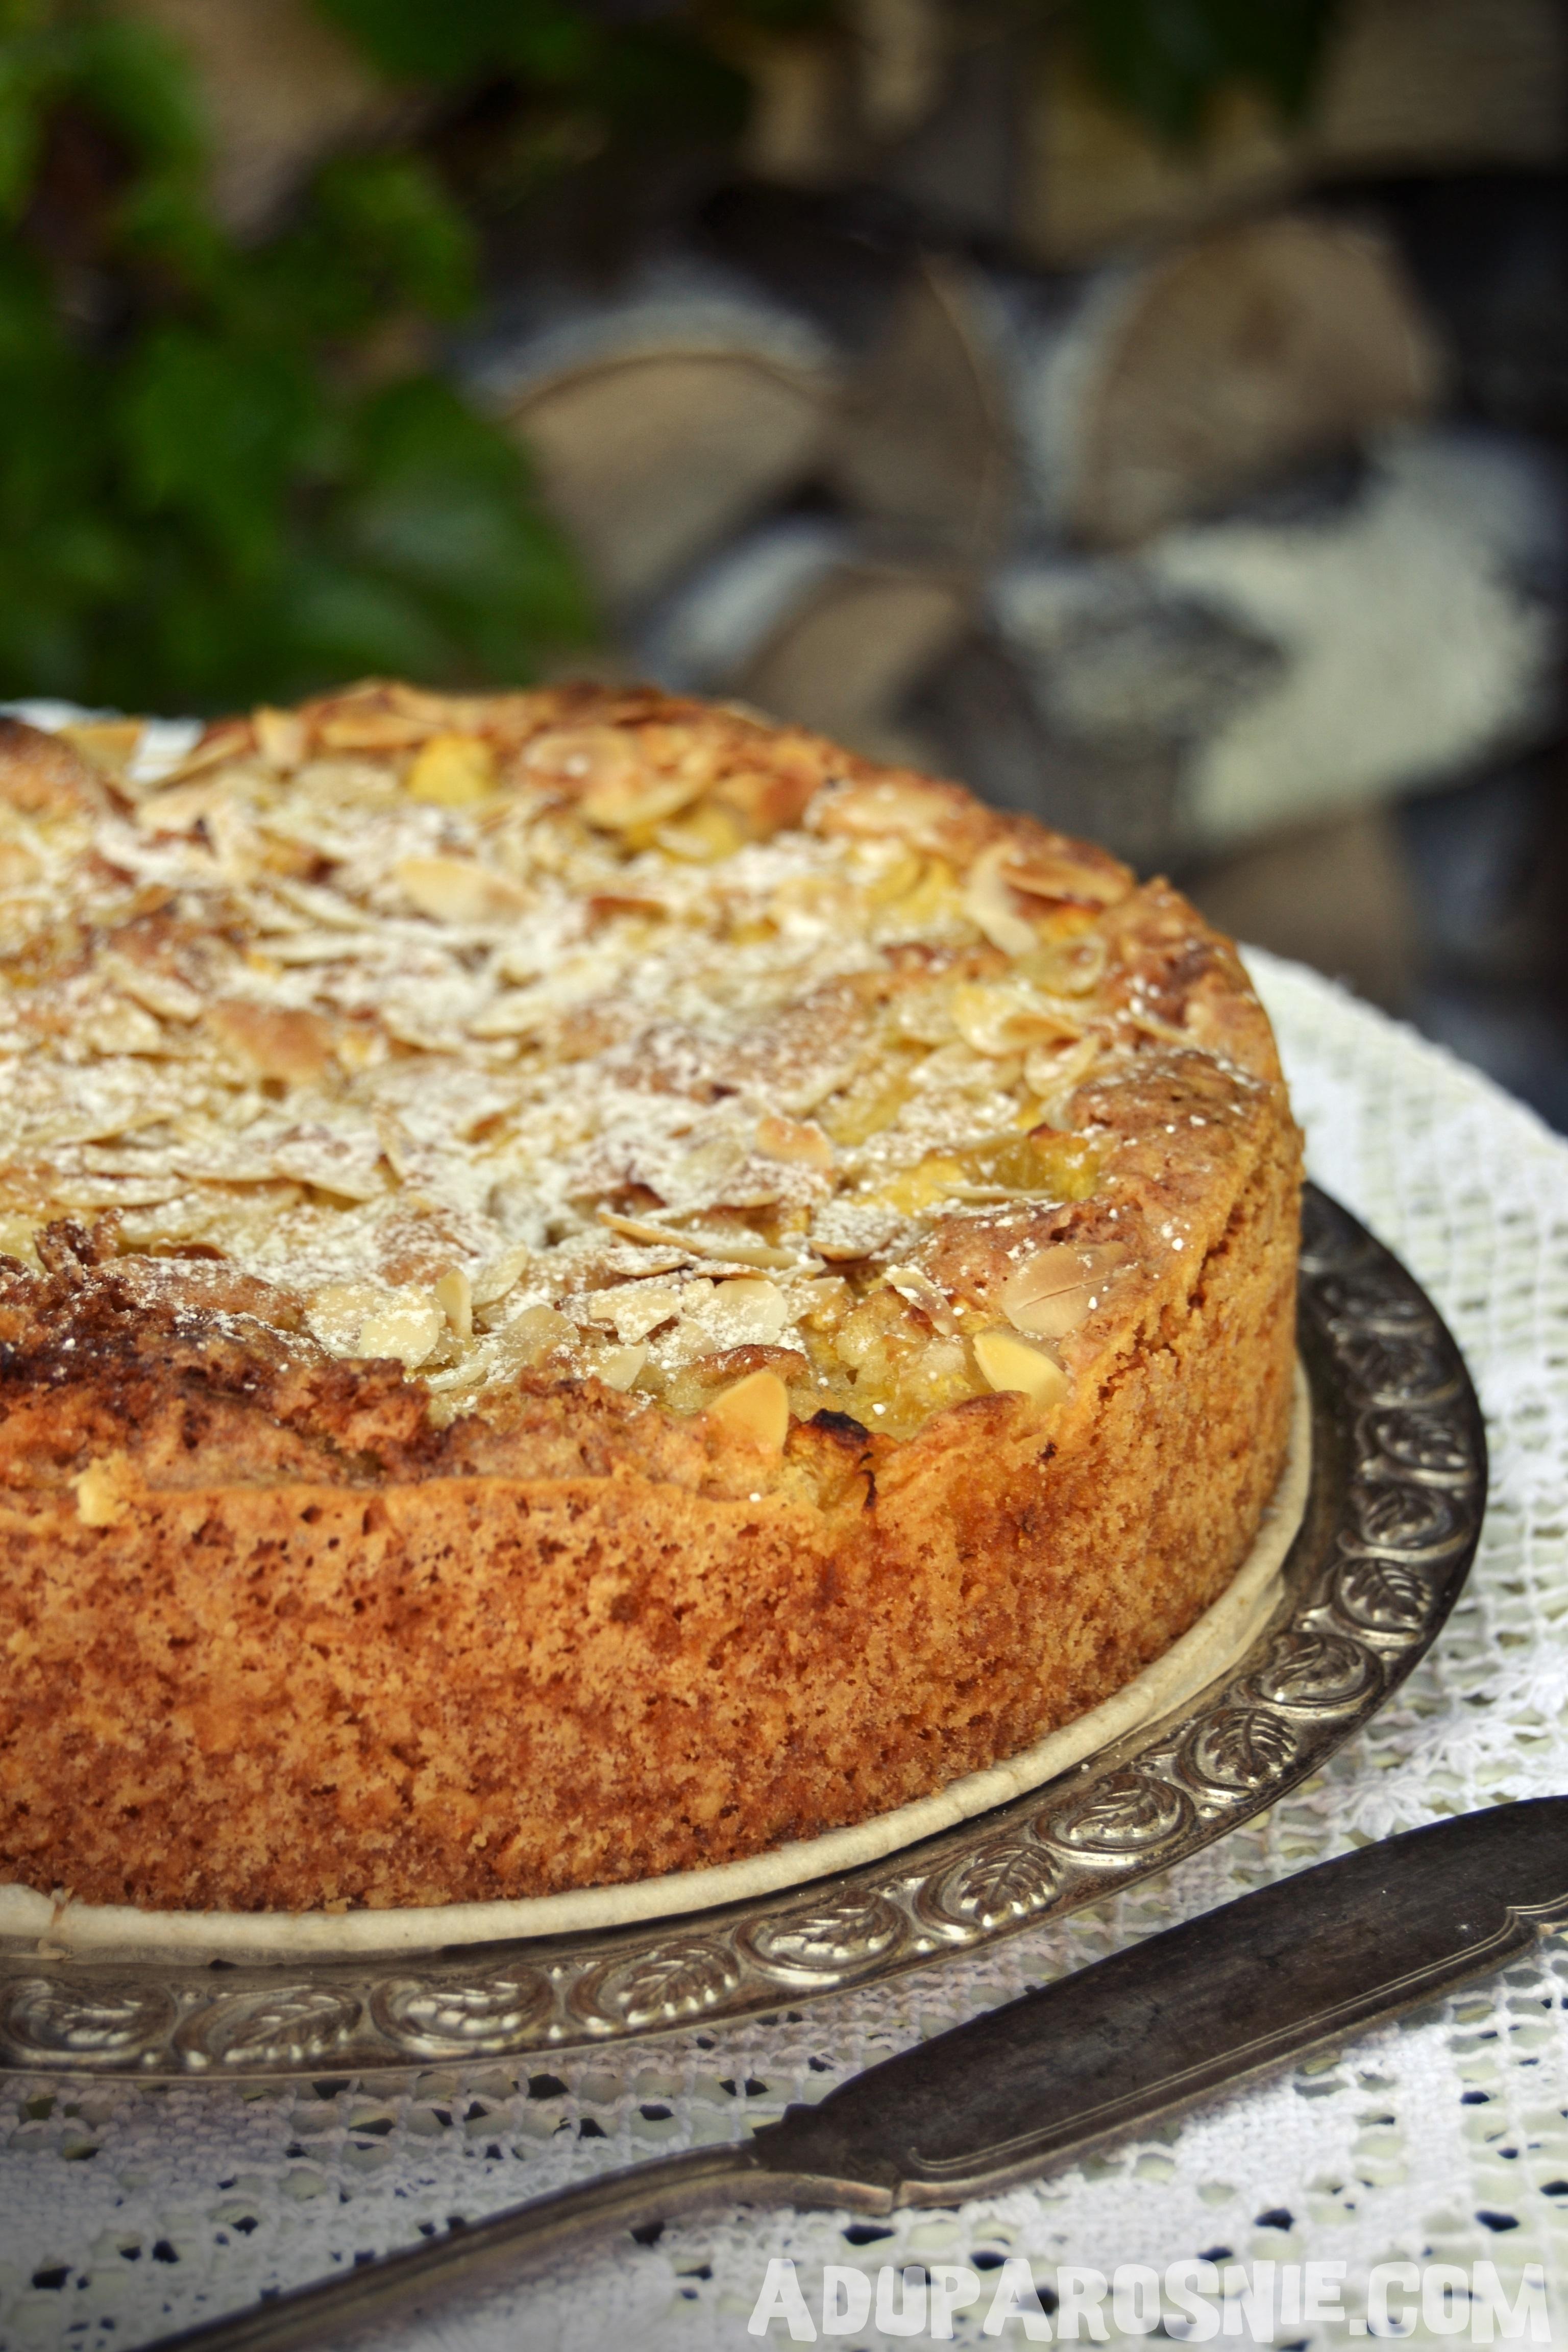 ciasto brzoskwiniowe z płatkami owsianymi (2)